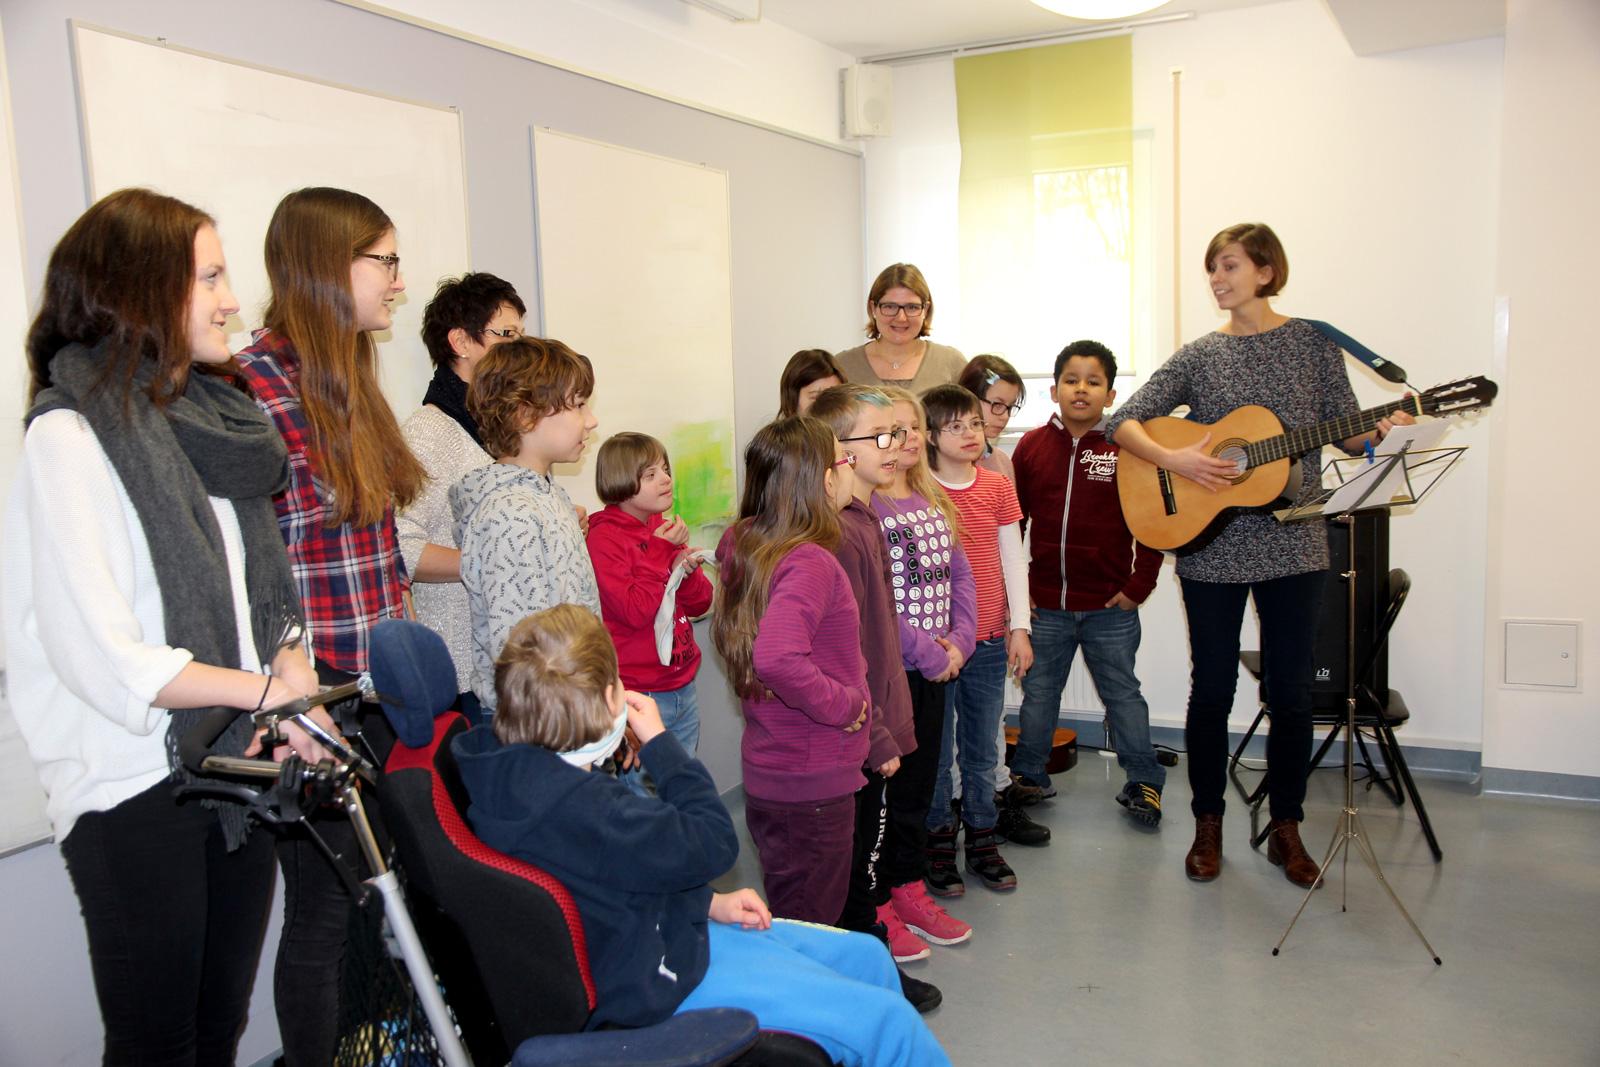 Der Schulchor der Dr. Bernhard Leniger und die Schmetterlinge gratulierten musikalisch!